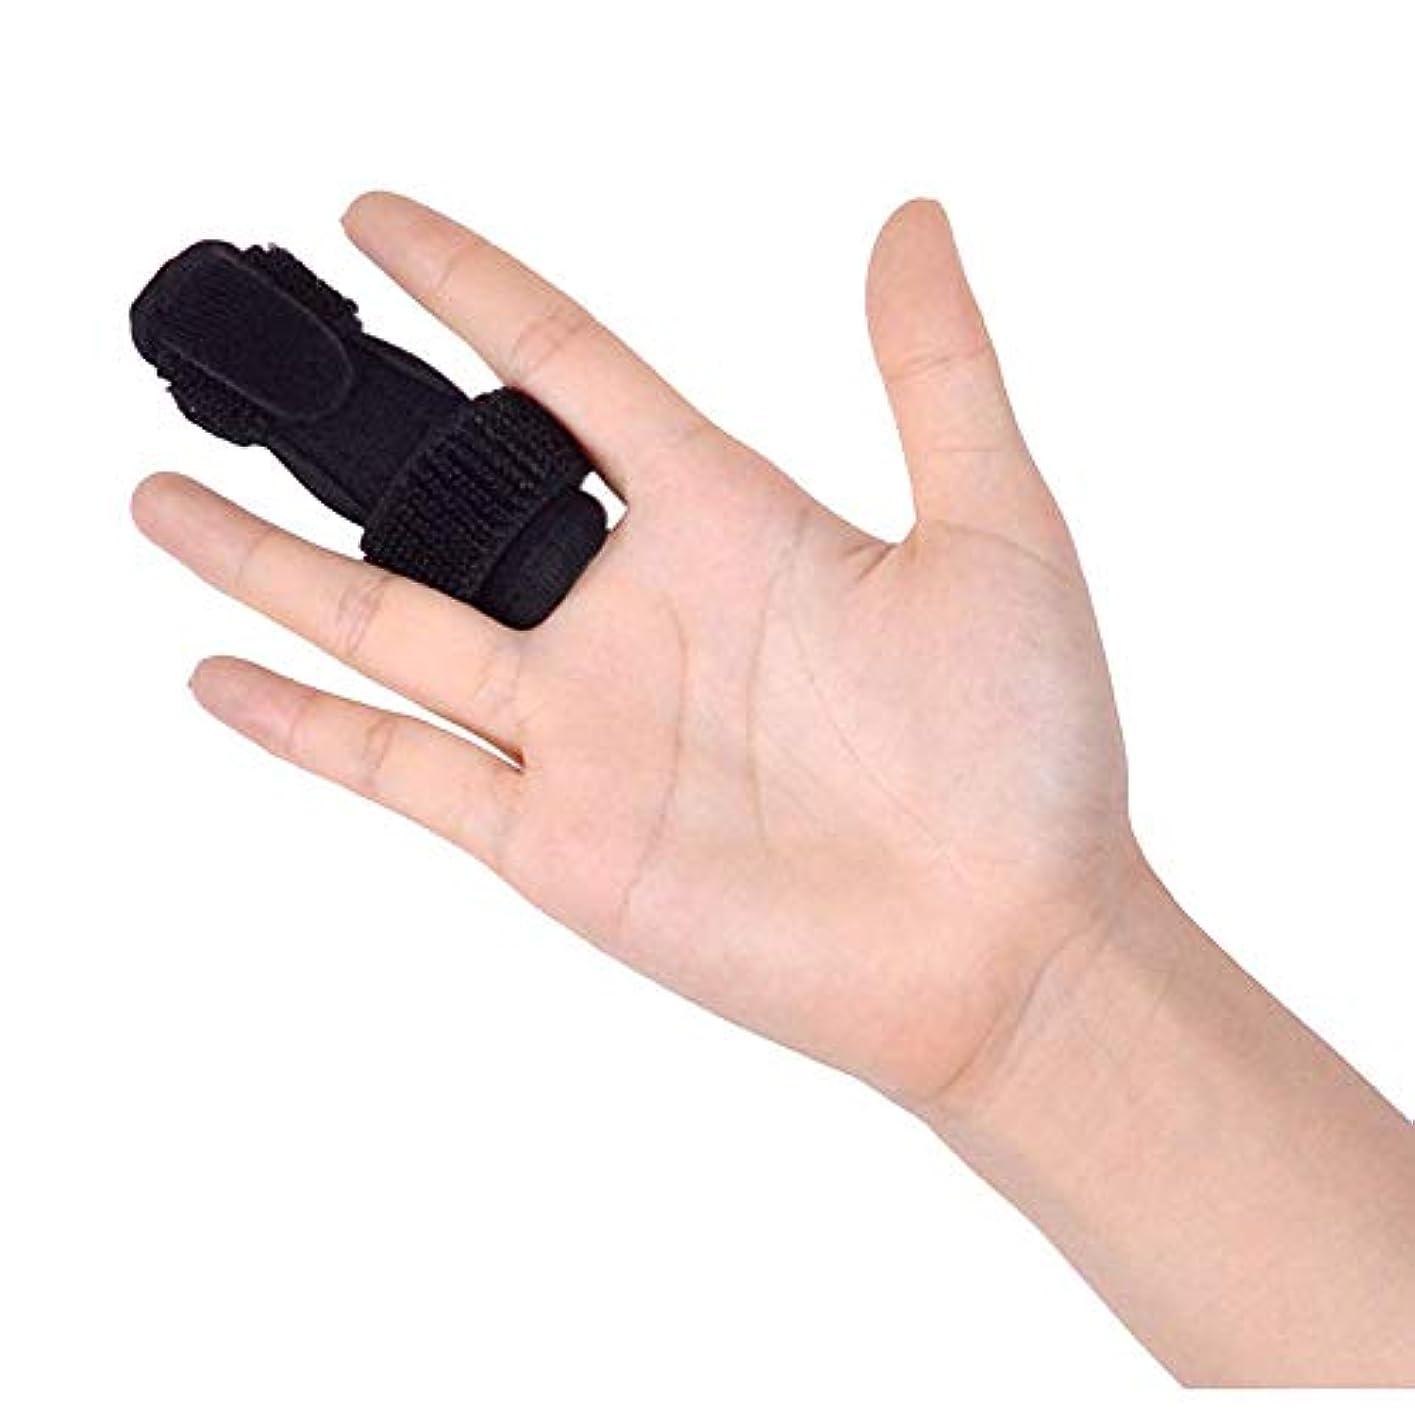 硬い共和国足指サポーター 指保護 ばね指サポーター 腱鞘炎 調整自在 気性良好 左右兼用 ブラック